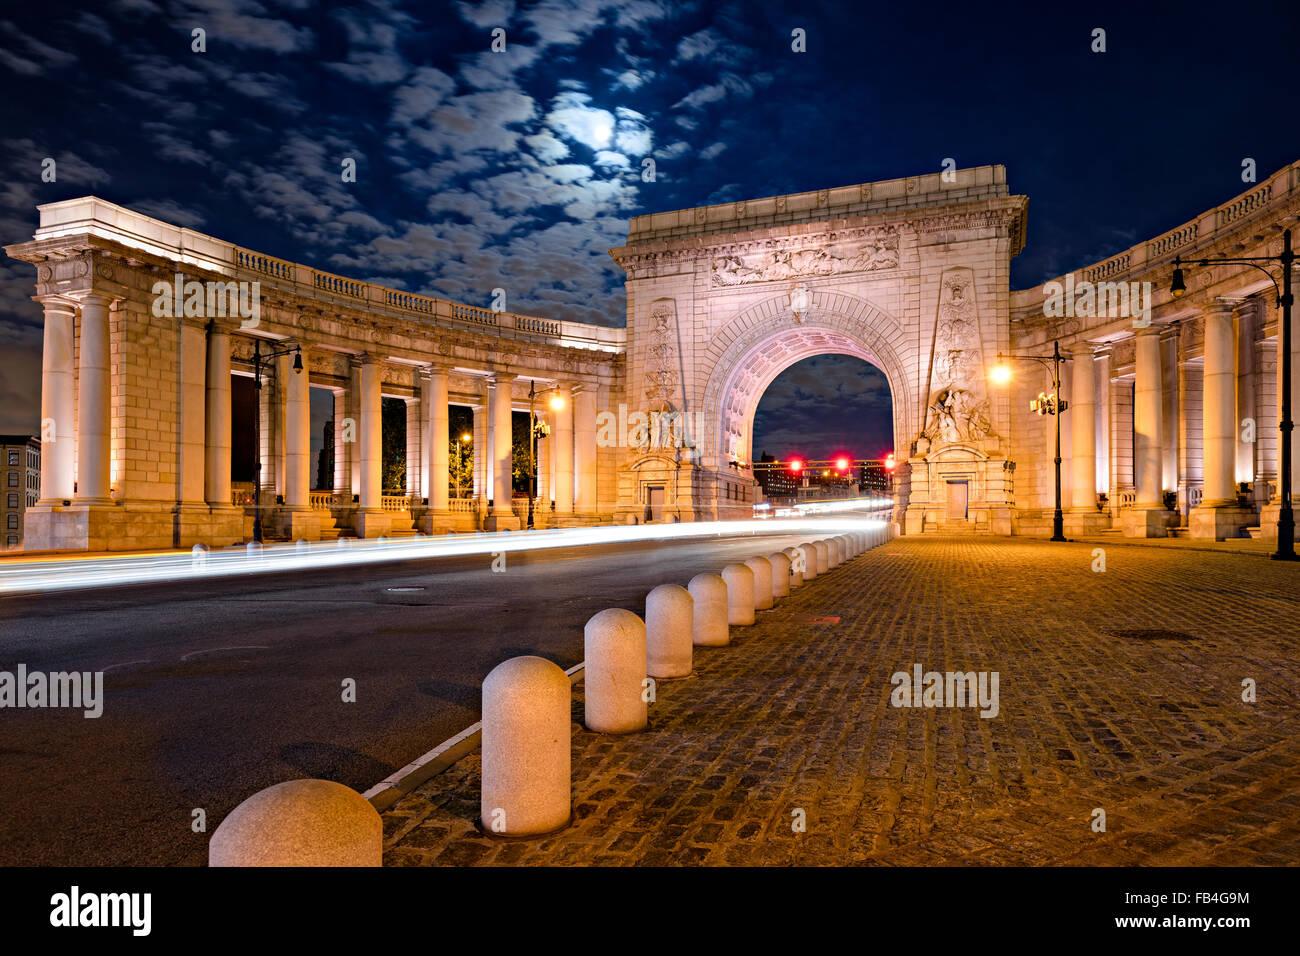 Illuminata Arco Trionfale e porticato di Manhattan Bridge Ingresso al chiaro di luna, Chinatown, la parte inferiore Immagini Stock